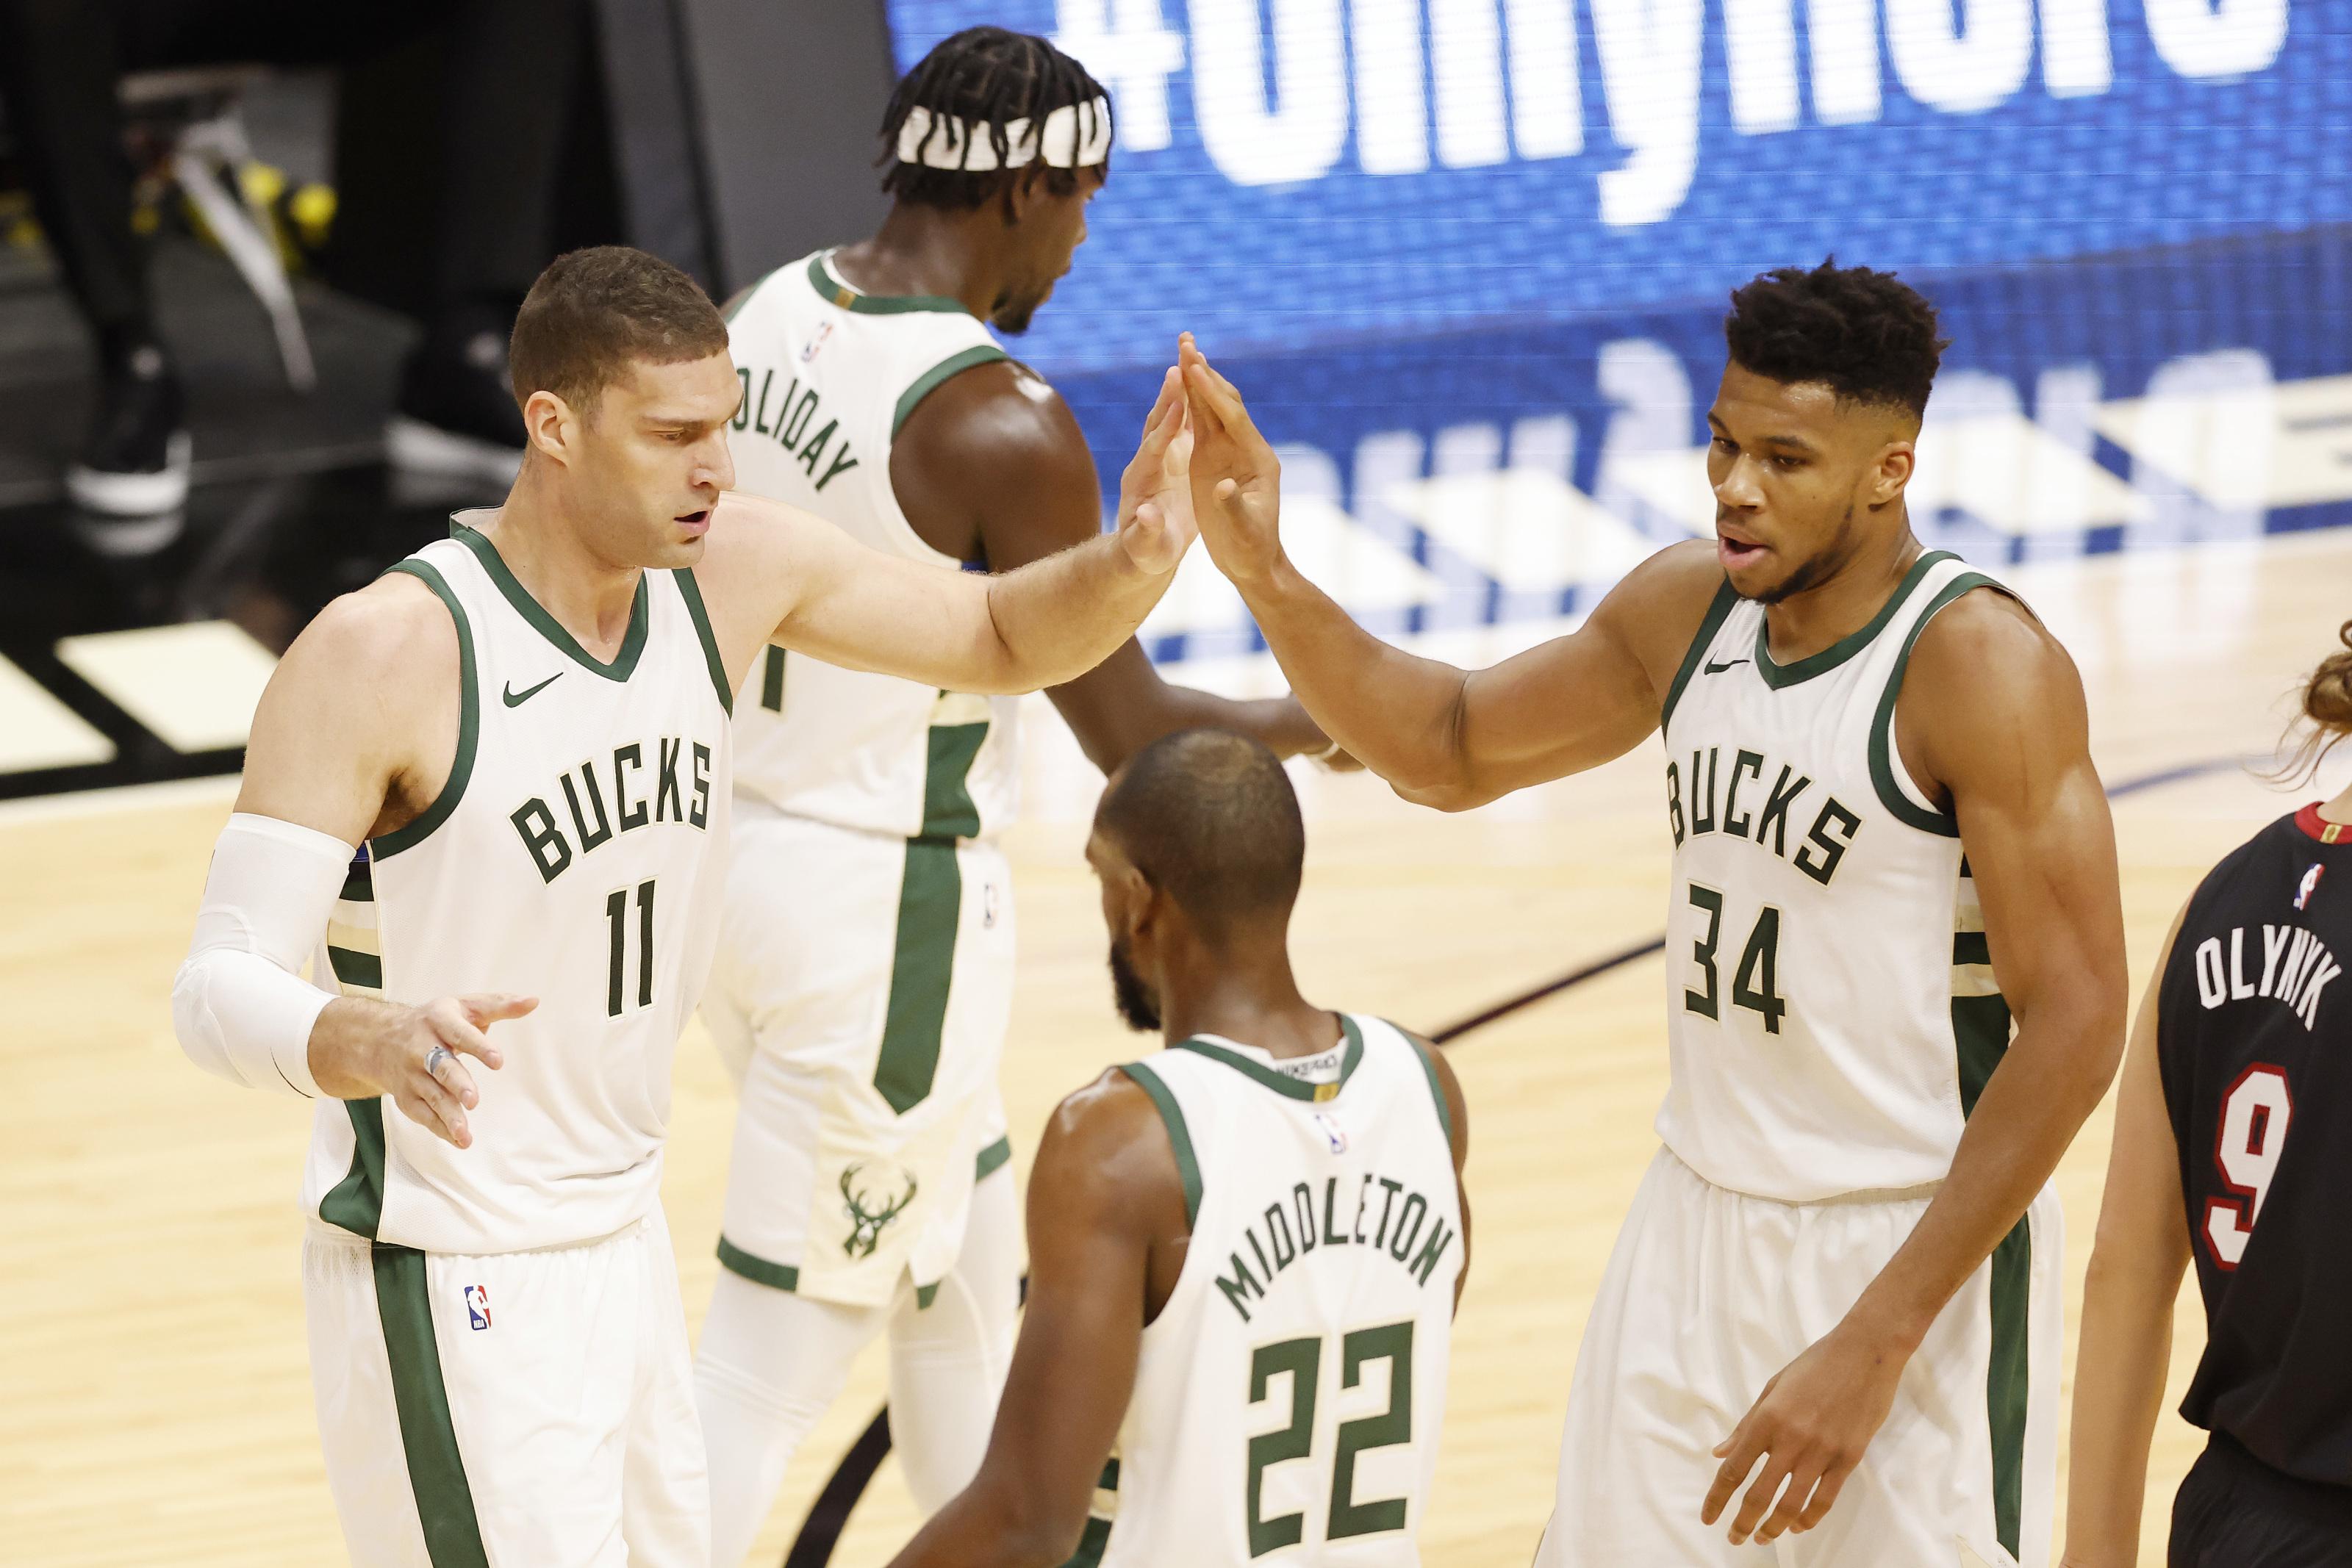 До Плей-офф NBA осталось полтора месяца, разберёмся чего ждать от Милуоки